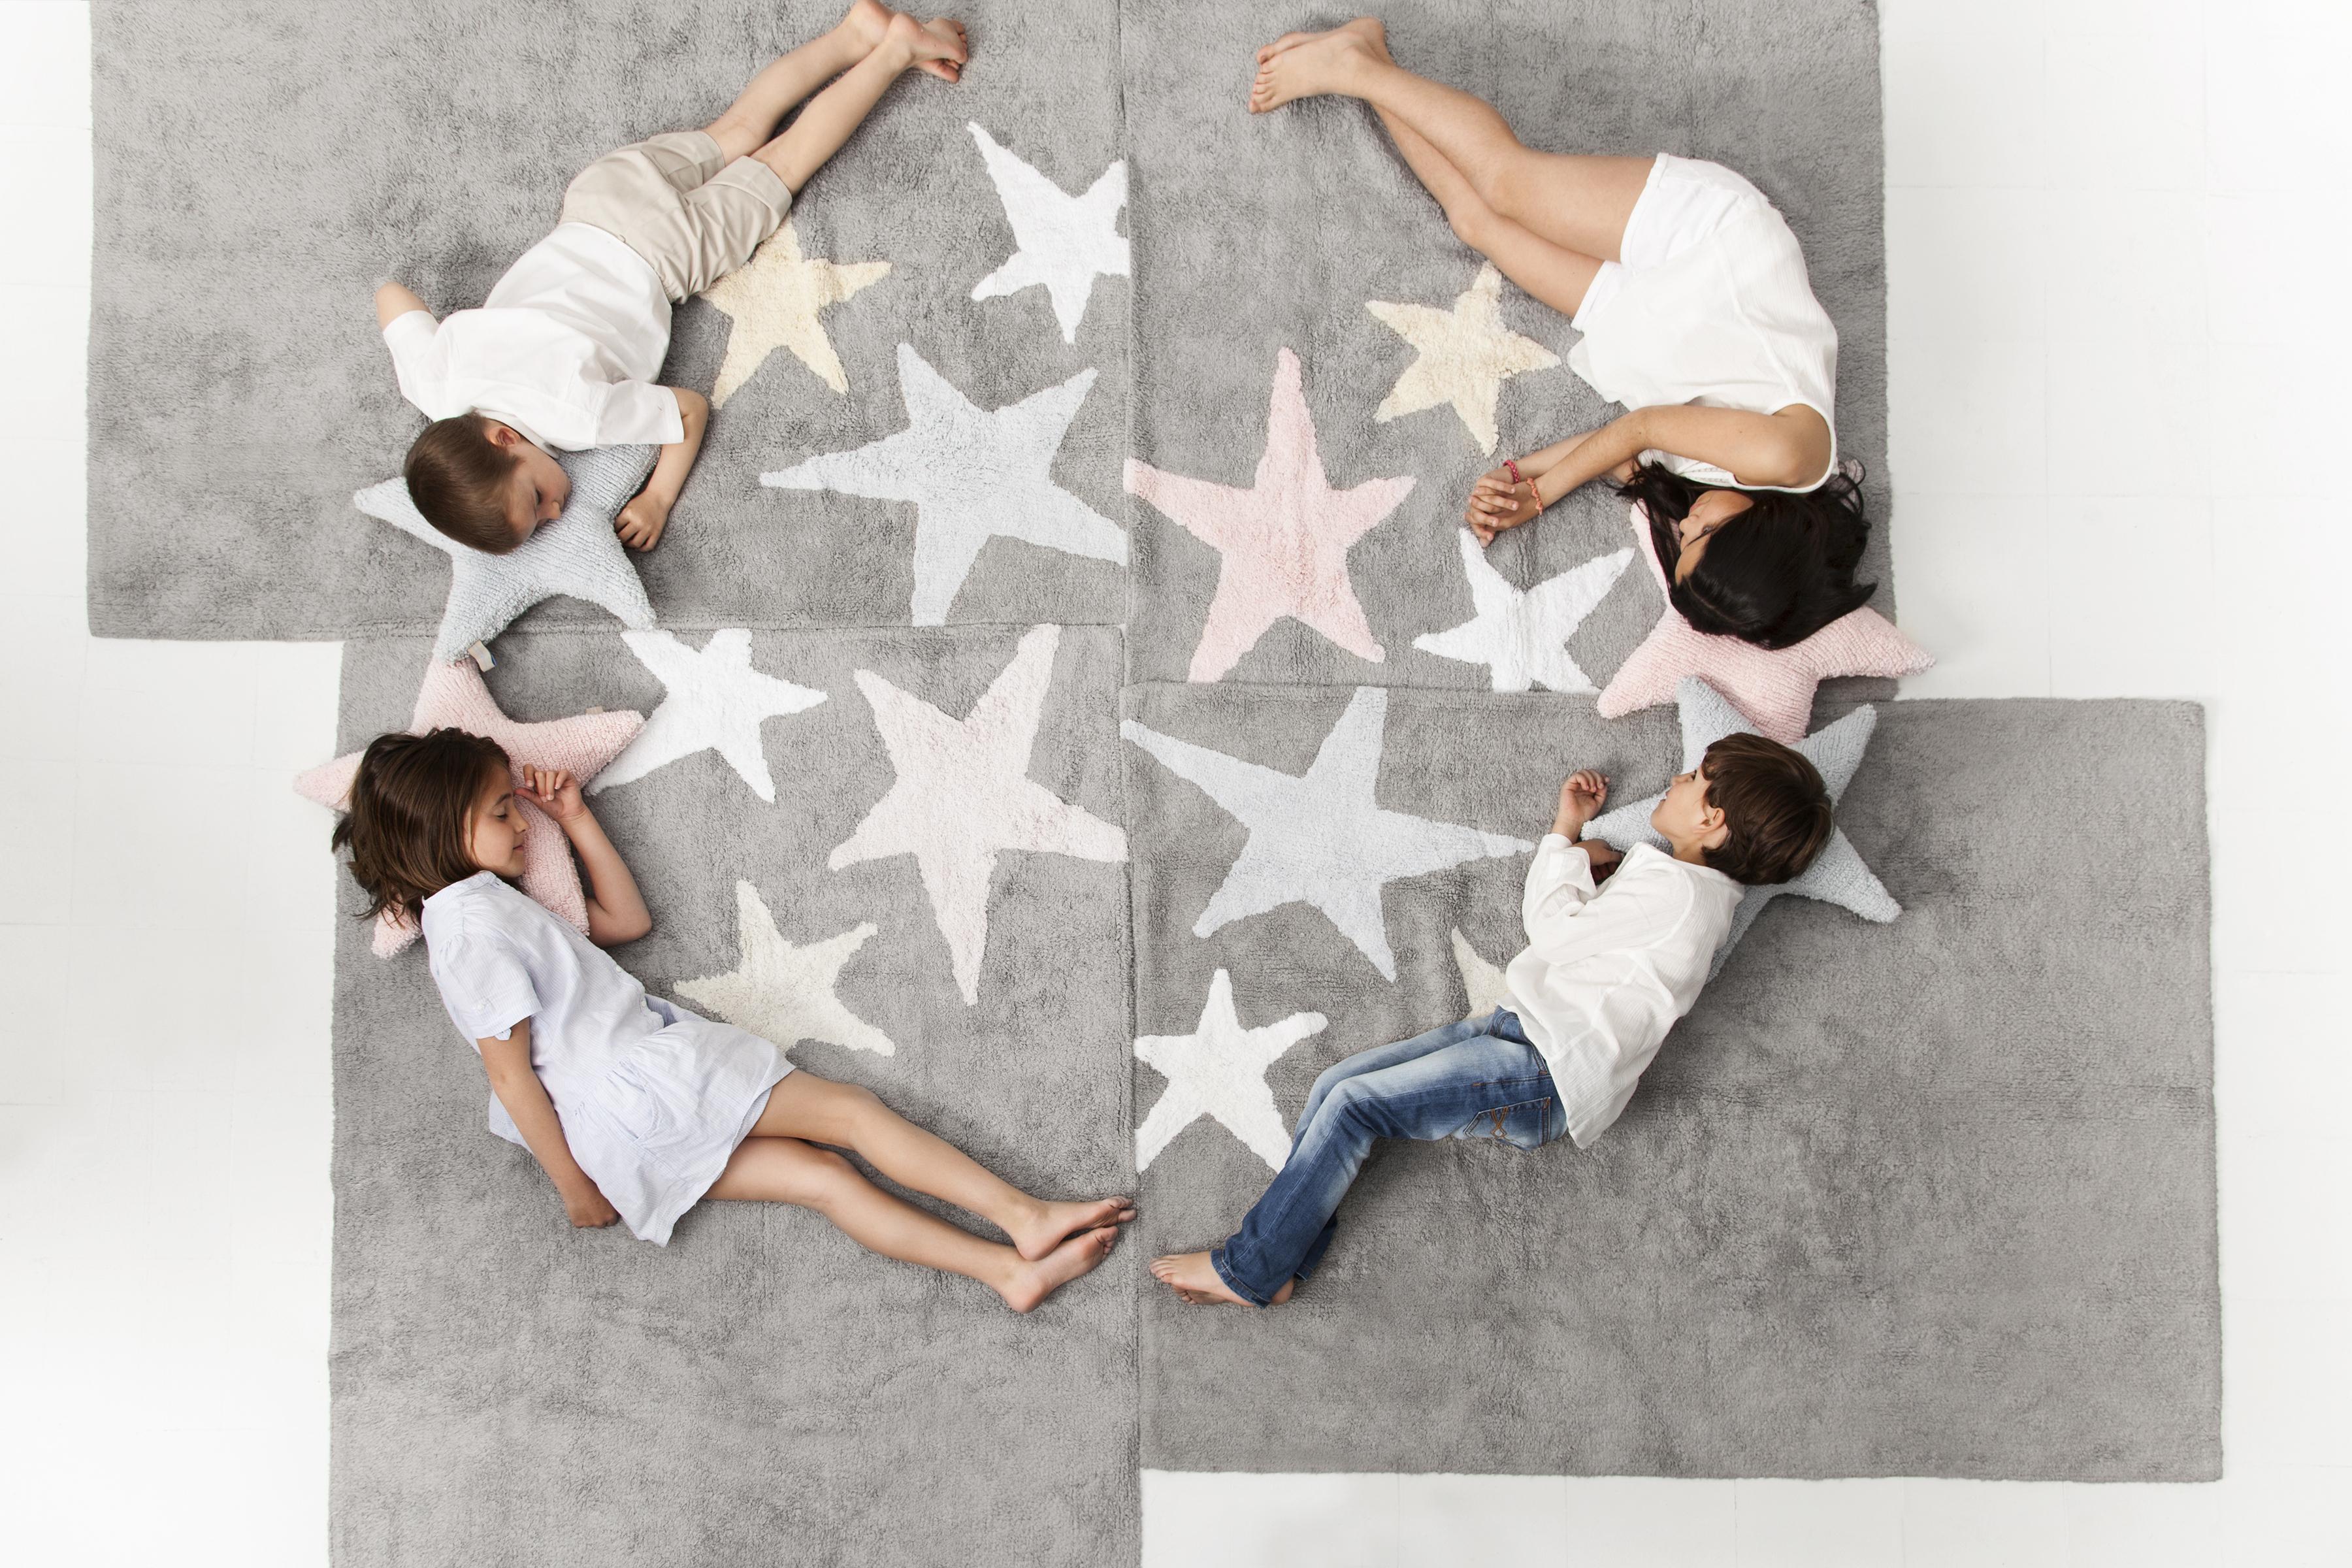 8_Kusové akrylové koberce s hvězdami_foto Viabel_120x160cm_repro zdarma